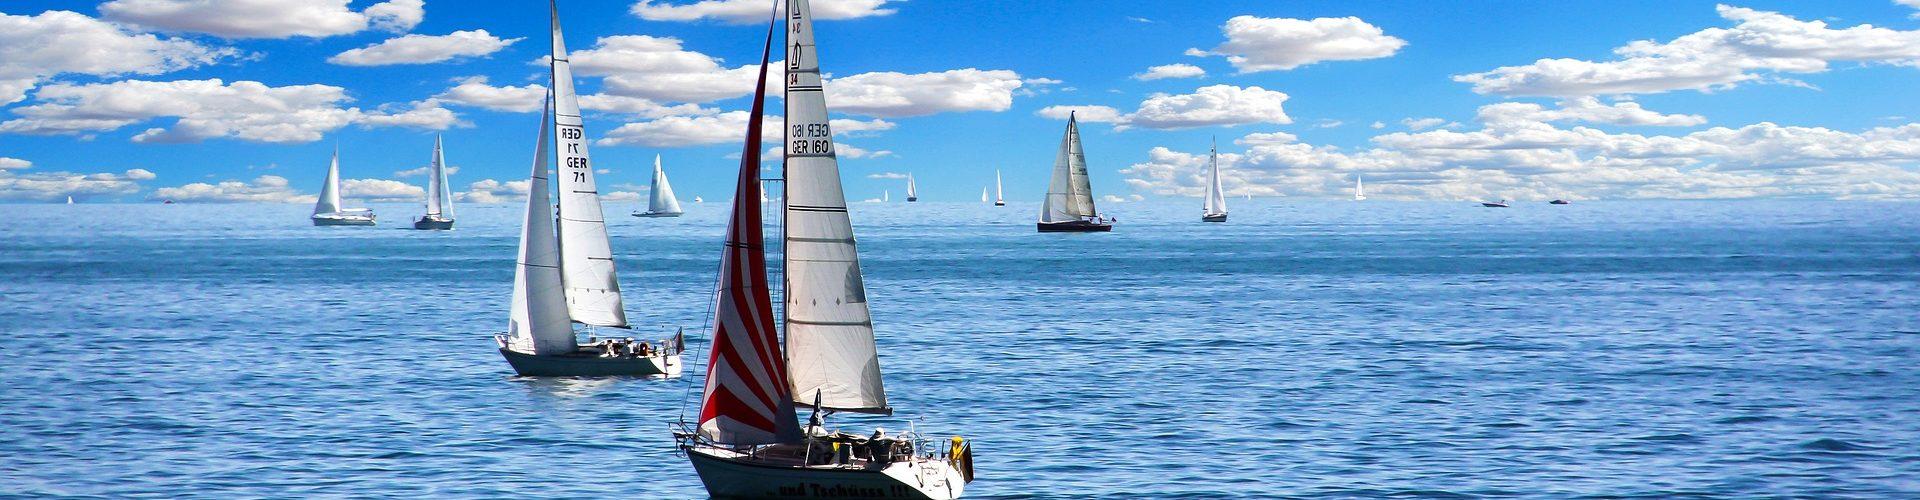 segeln lernen in Gevelsberg segelschein machen in Gevelsberg 1920x500 - Segeln lernen in Gevelsberg